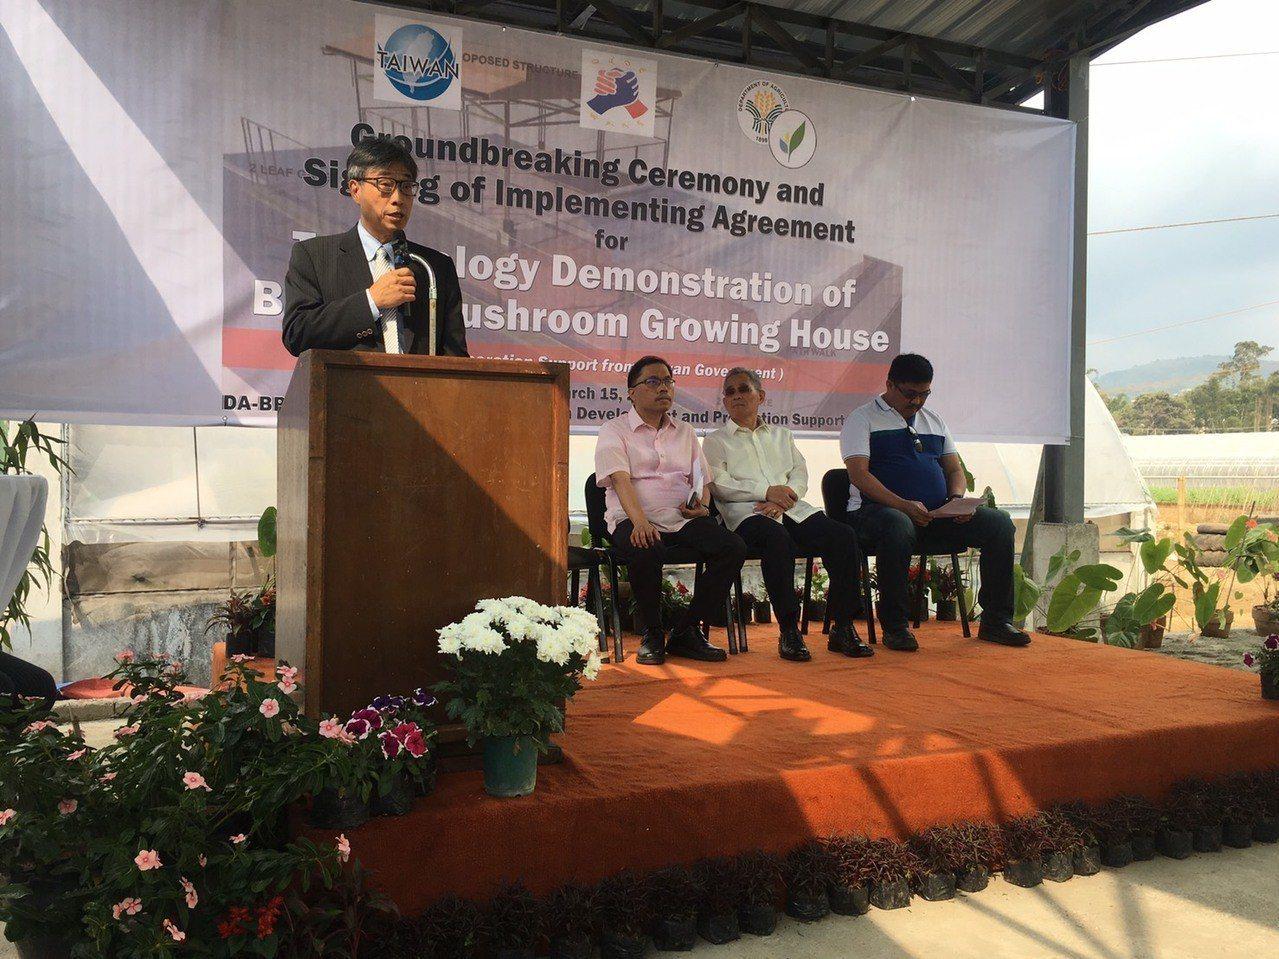 農委會與菲律賓農業部今(15)日簽署「台菲合作在菲律賓碧瑤設置洋菇示範農場執行協...